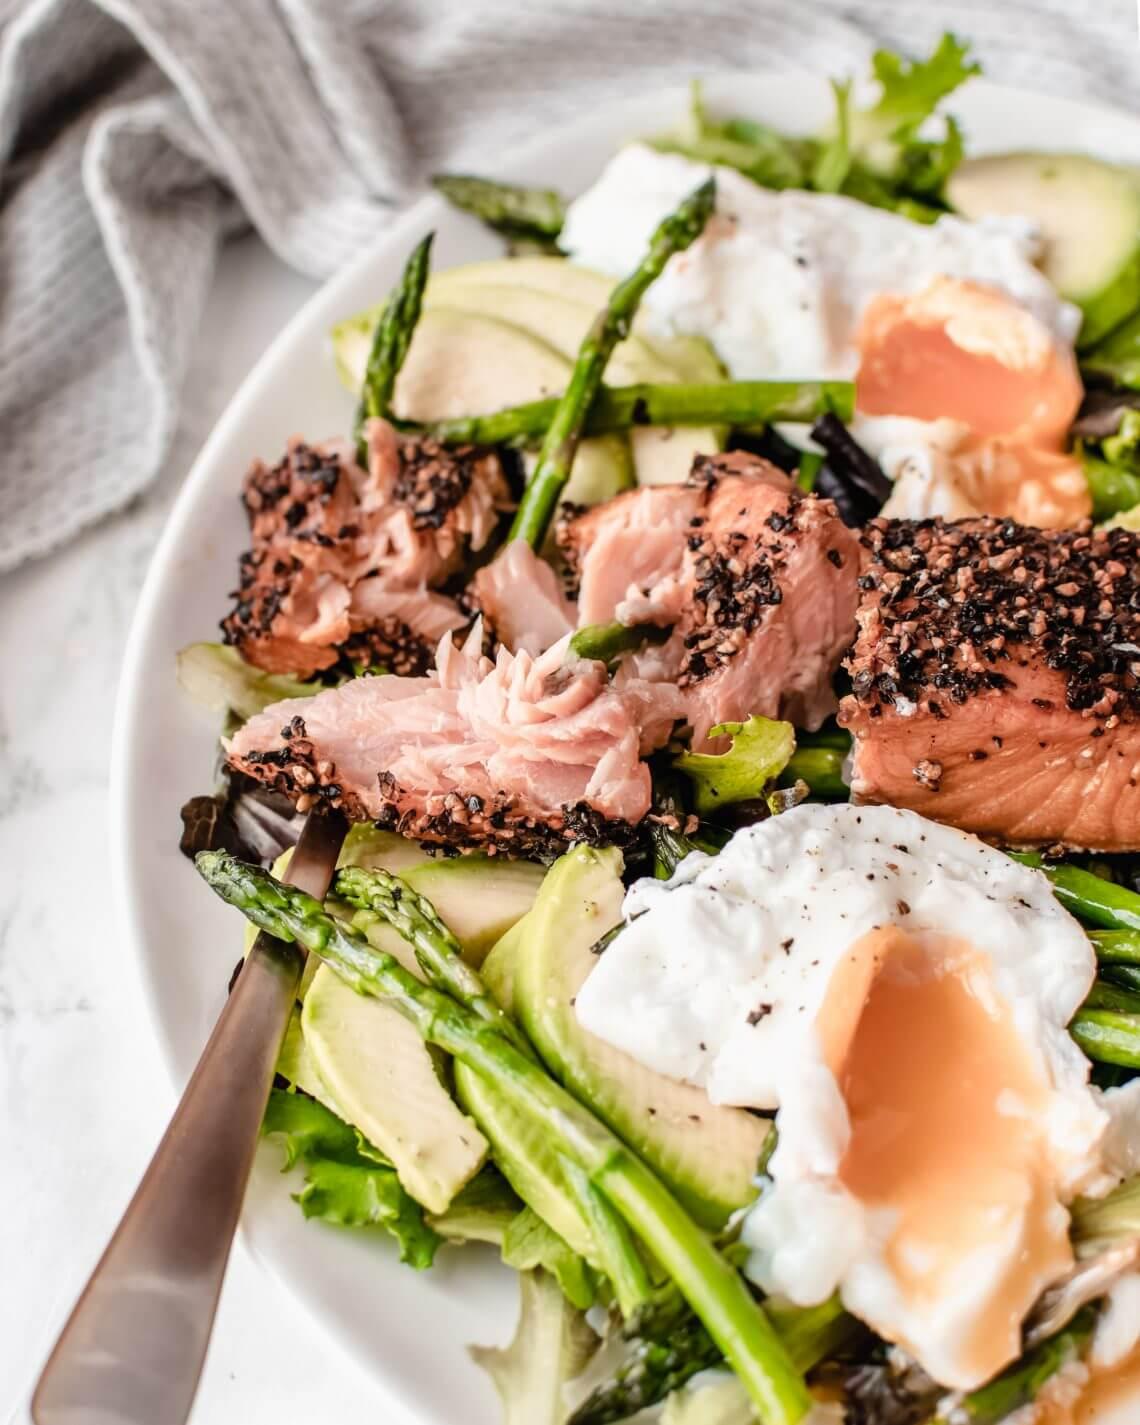 Salade met gerookte zalm, asperge, avocado en ei